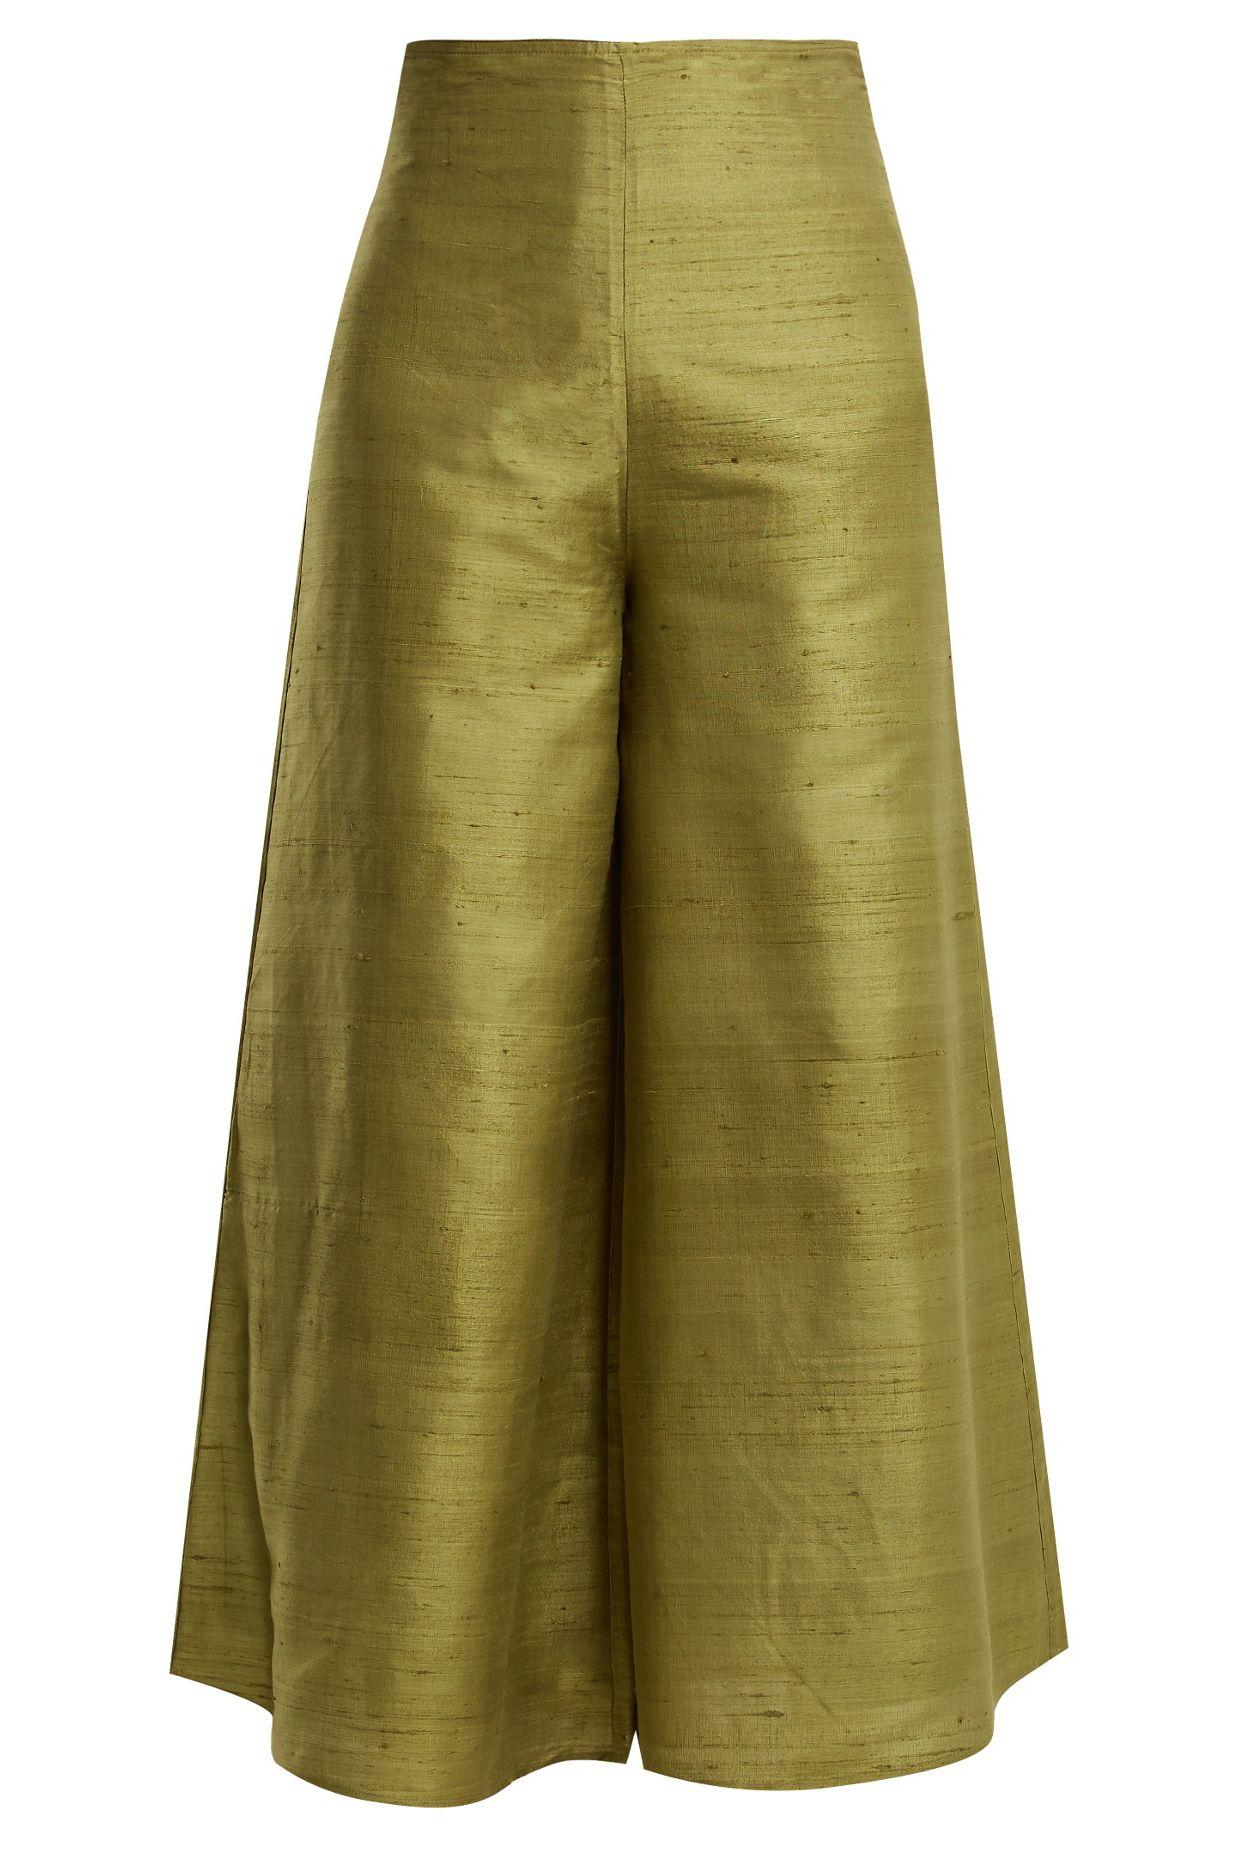 7b509f888b9c Wide leg trousers trend - how to wear wide leg trousers